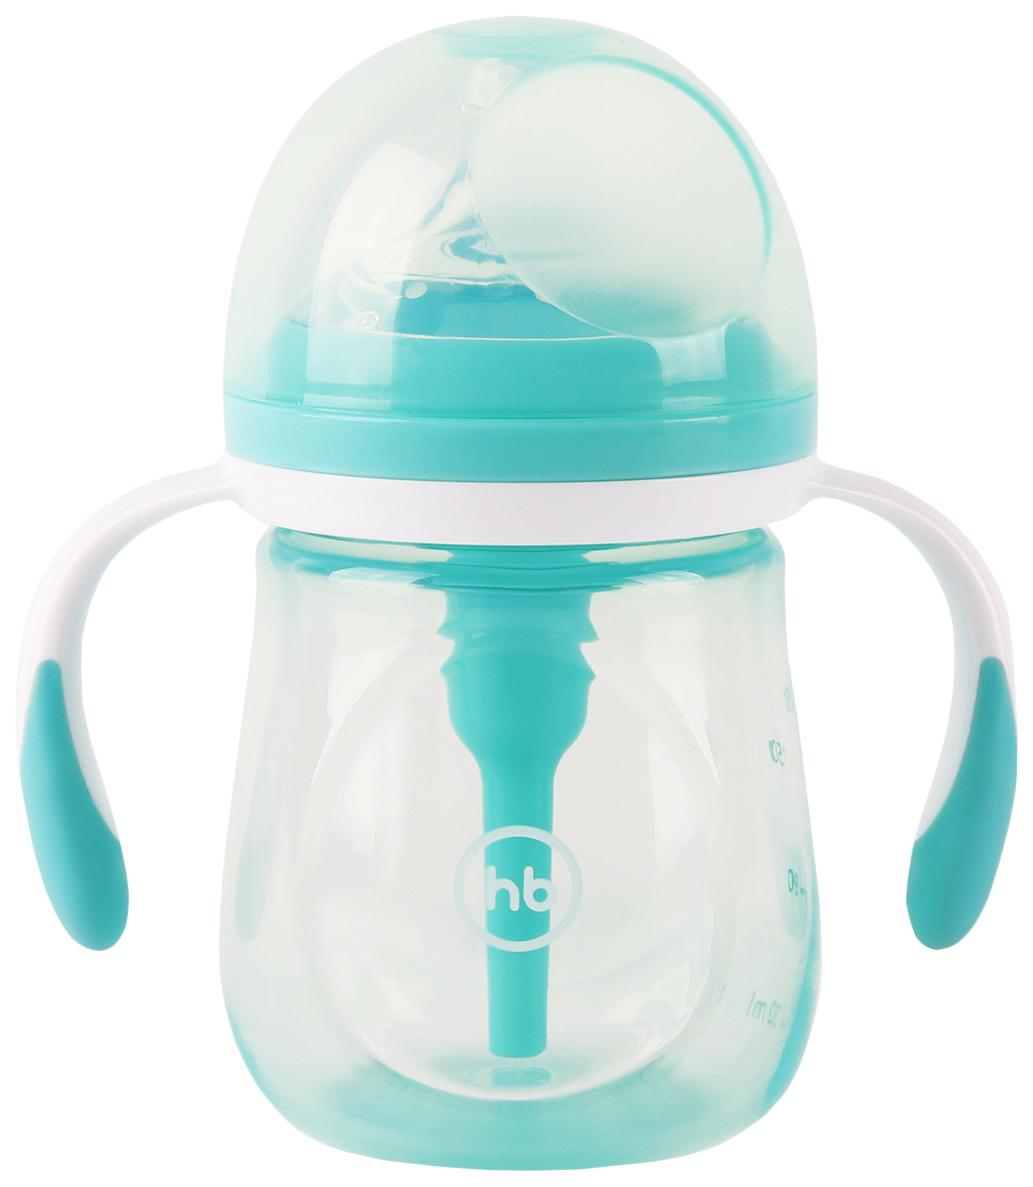 Бутылочка антиколиковая Happy Baby с ручками и силиконовой соской 180 мл aqua